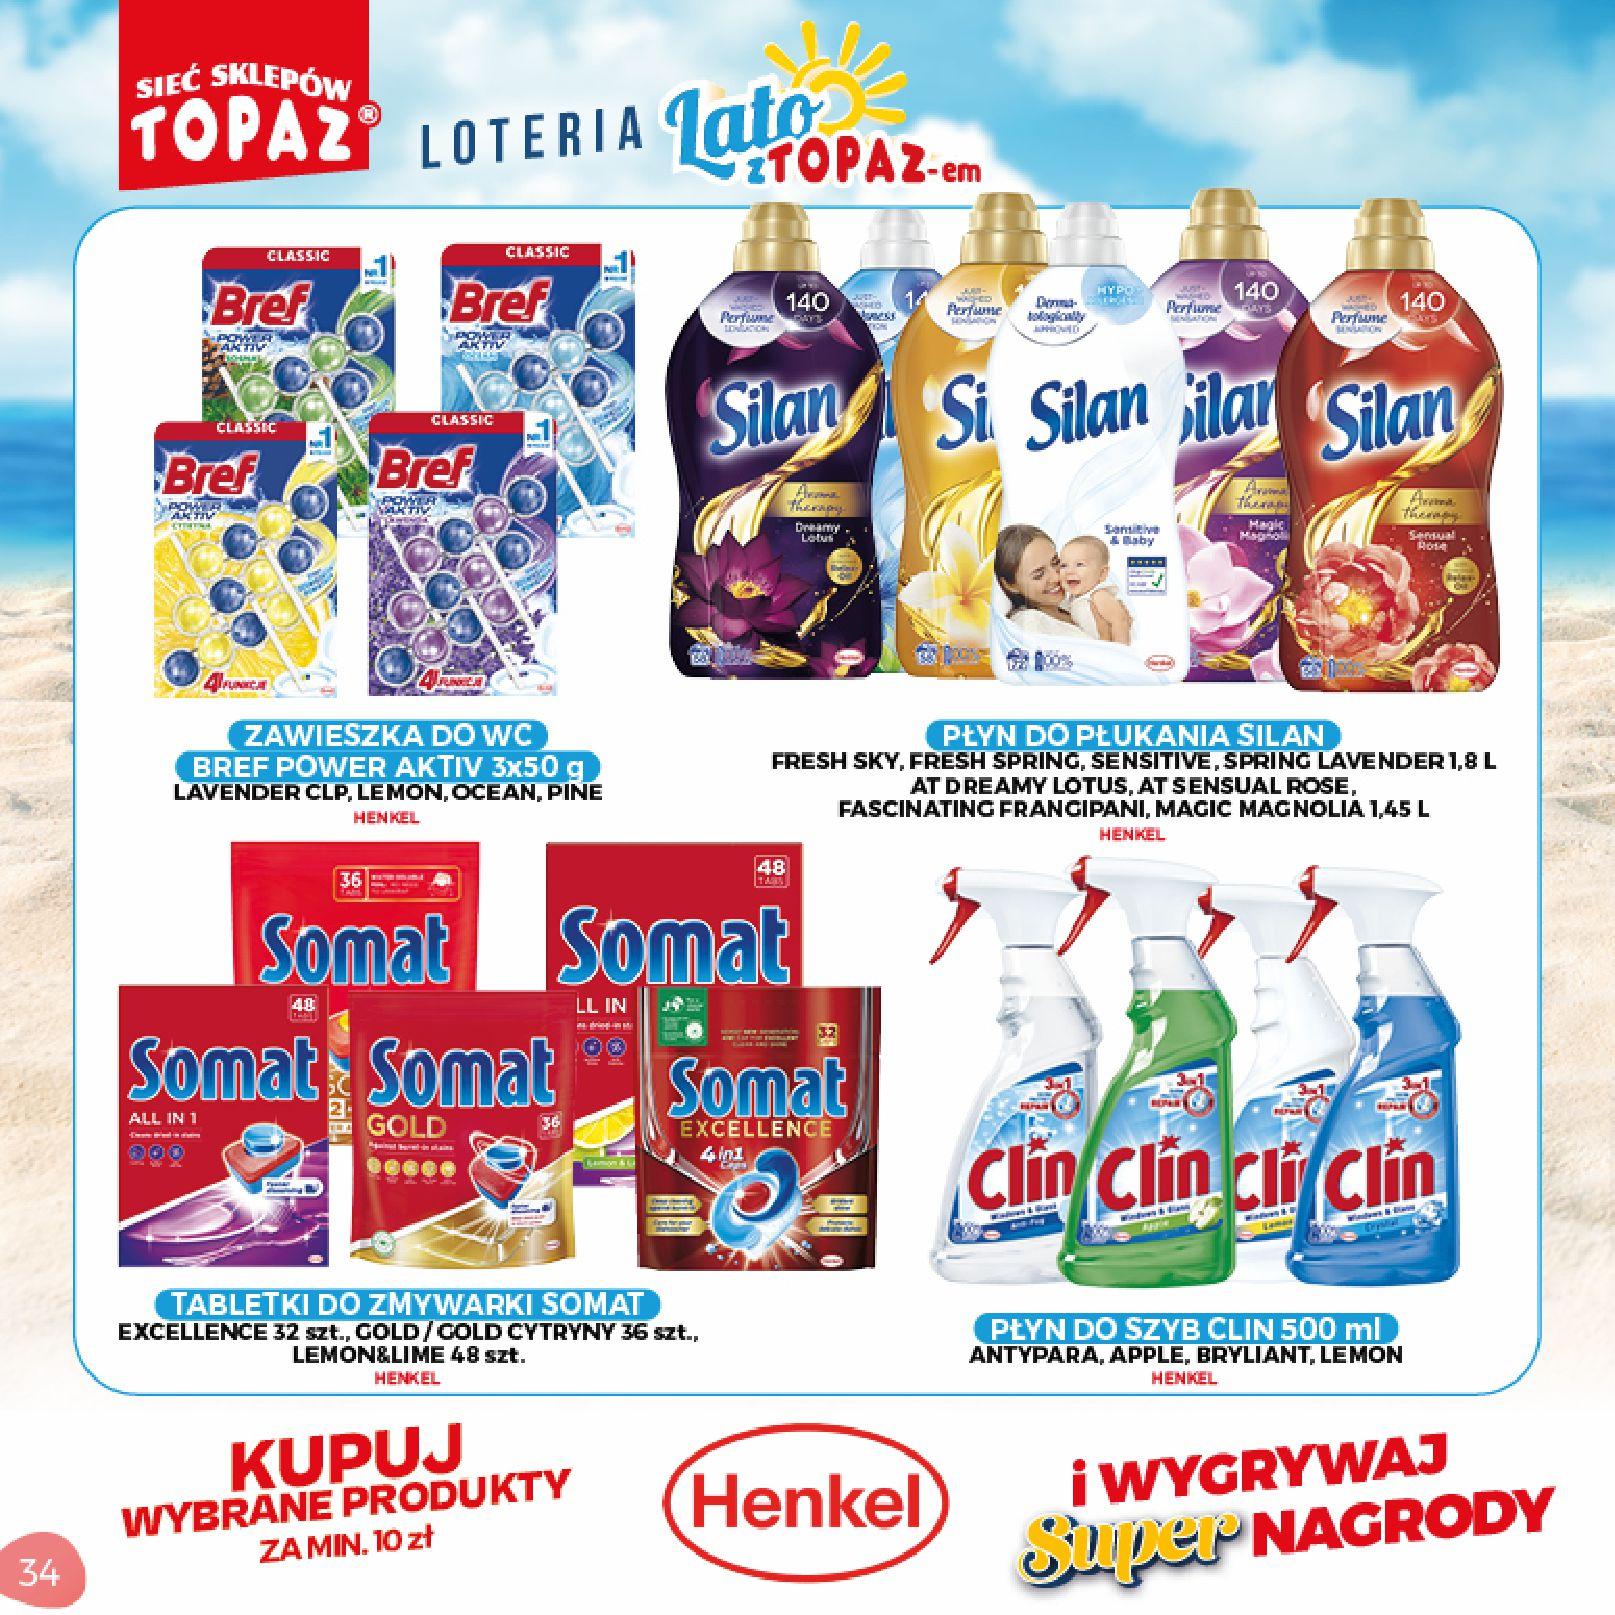 Gazetka TOPAZ: Gazetka TOPAZ - Loteria 2021-07-05 page-34